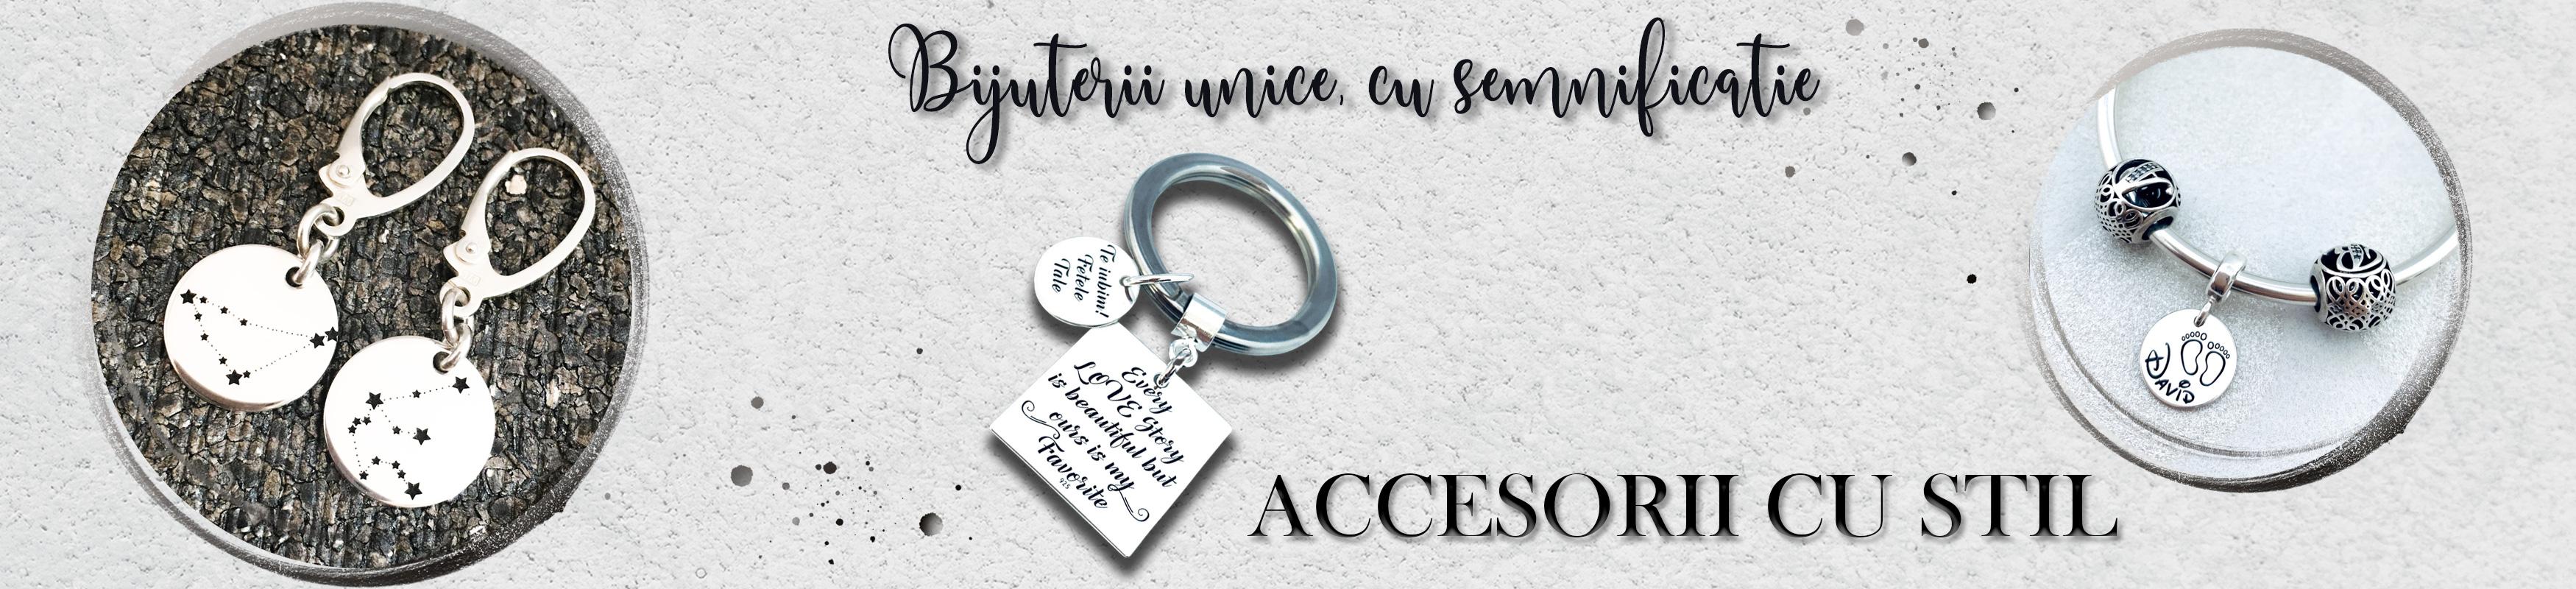 banner_accesorii